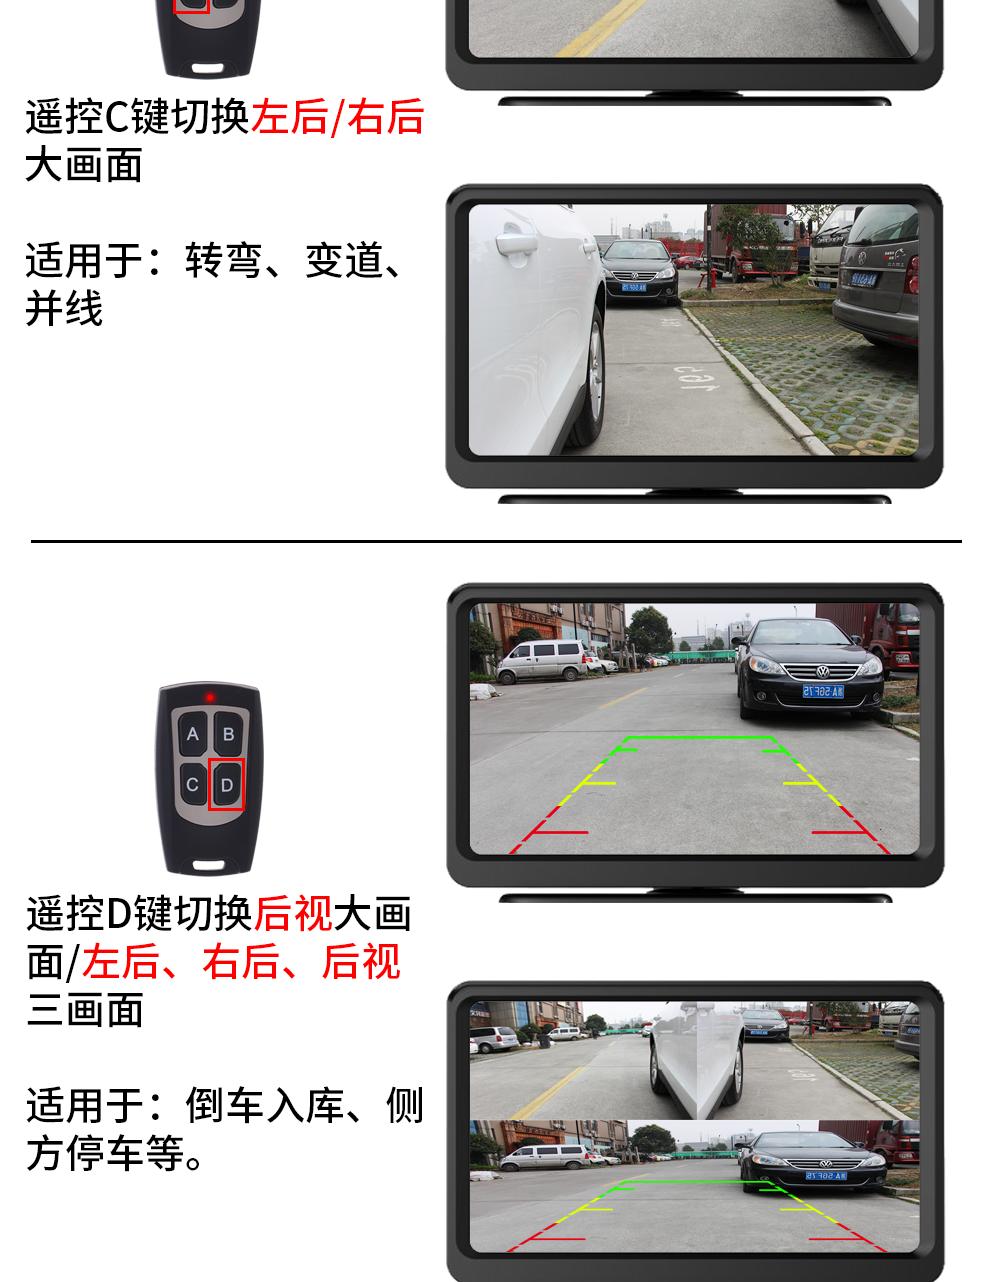 M7-新詳情頁_10